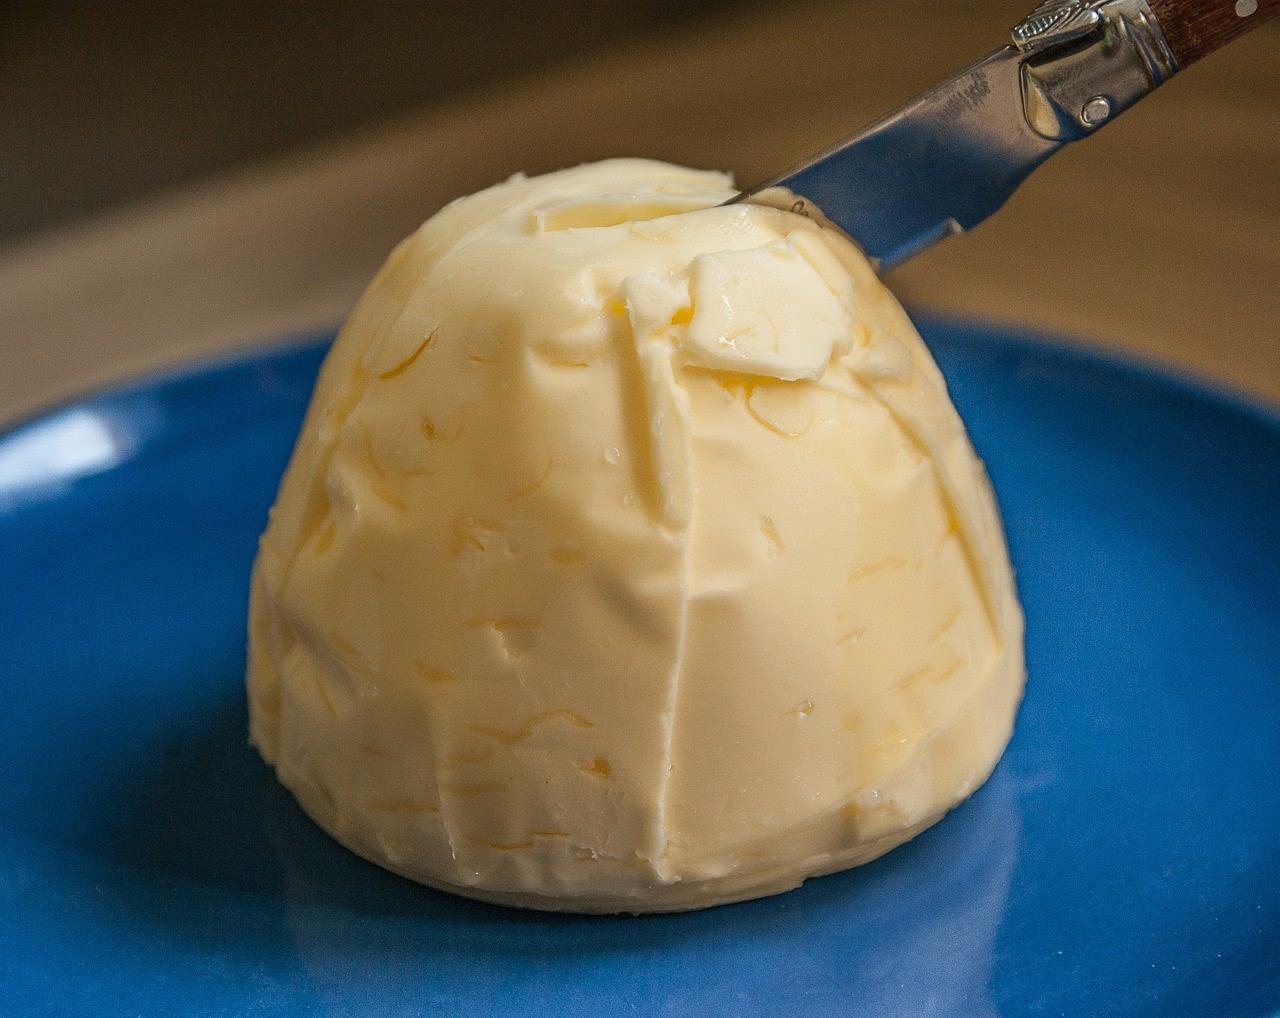 Bild von Butter auf Untertasse